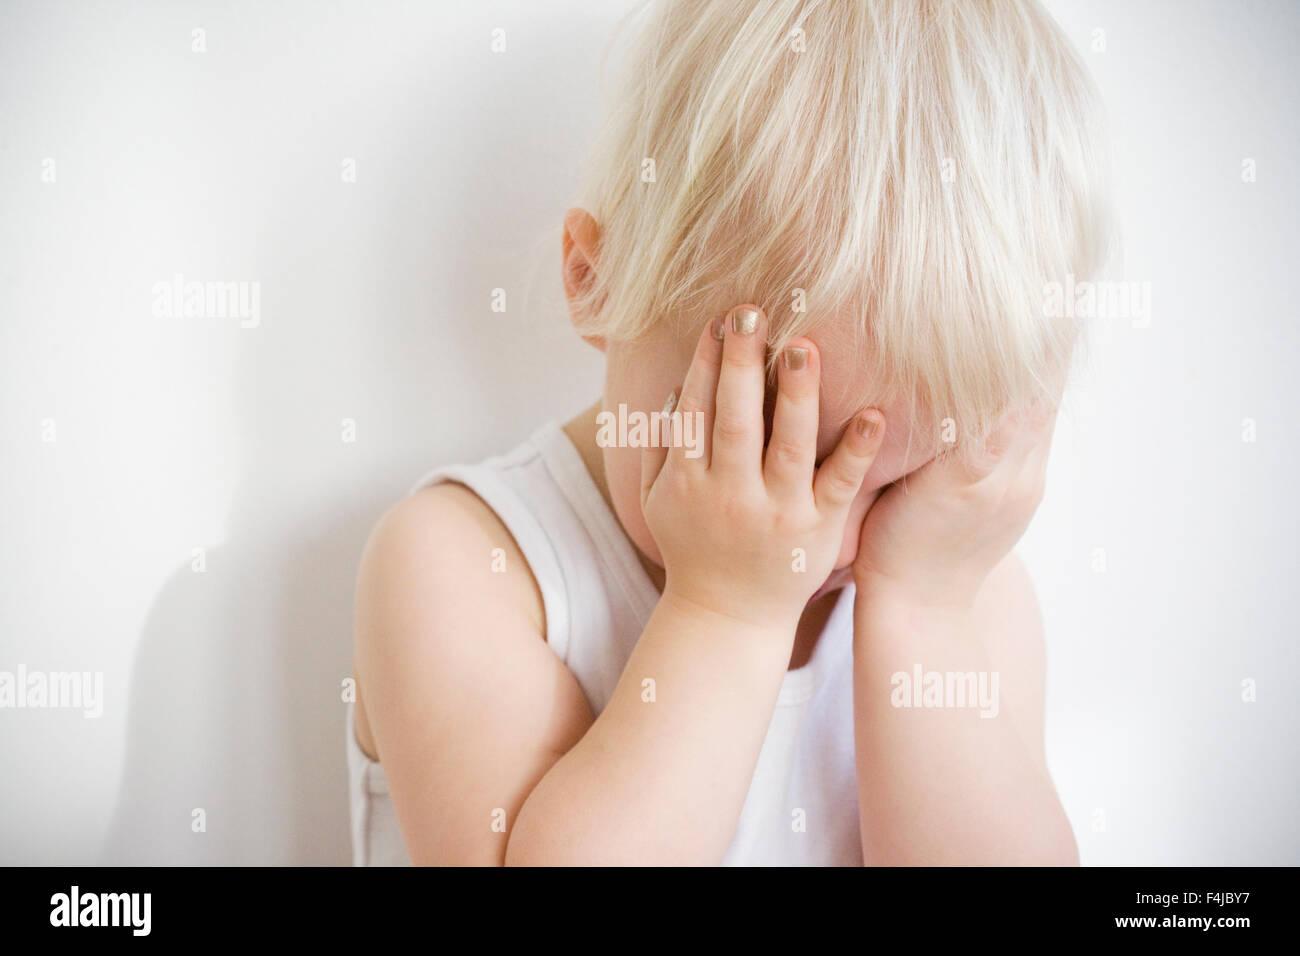 Una rubia niño contra blancos, Suecia. Imagen De Stock